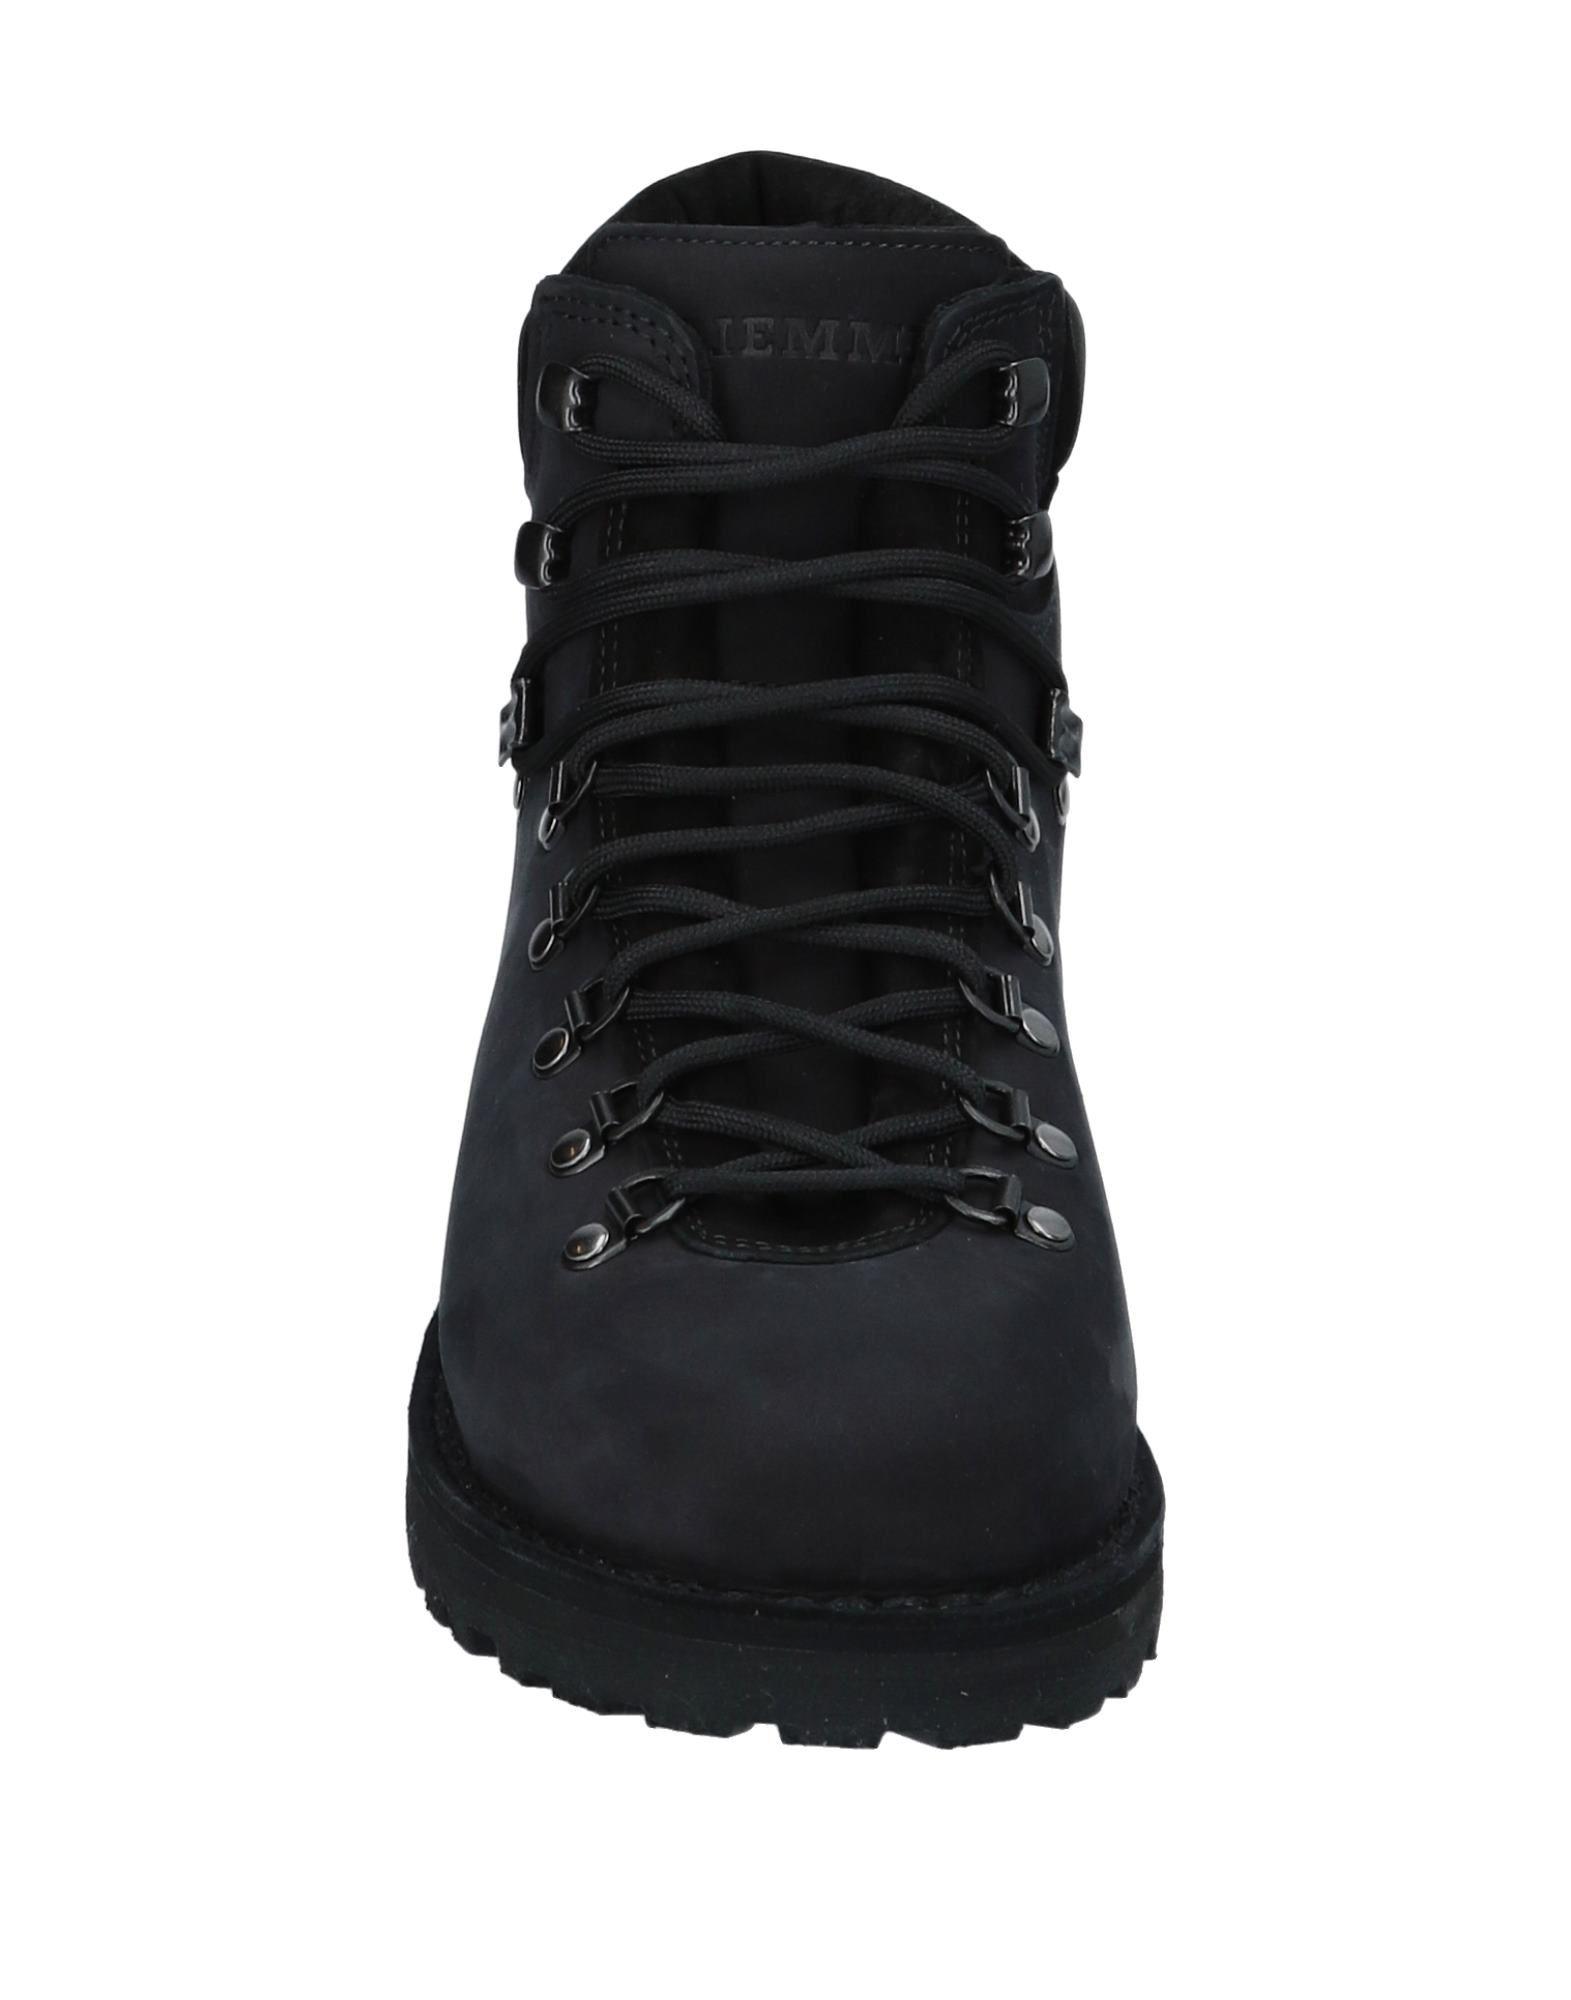 Diemme Gute Stiefelette Herren  11531425TO Gute Diemme Qualität beliebte Schuhe 18a7d3